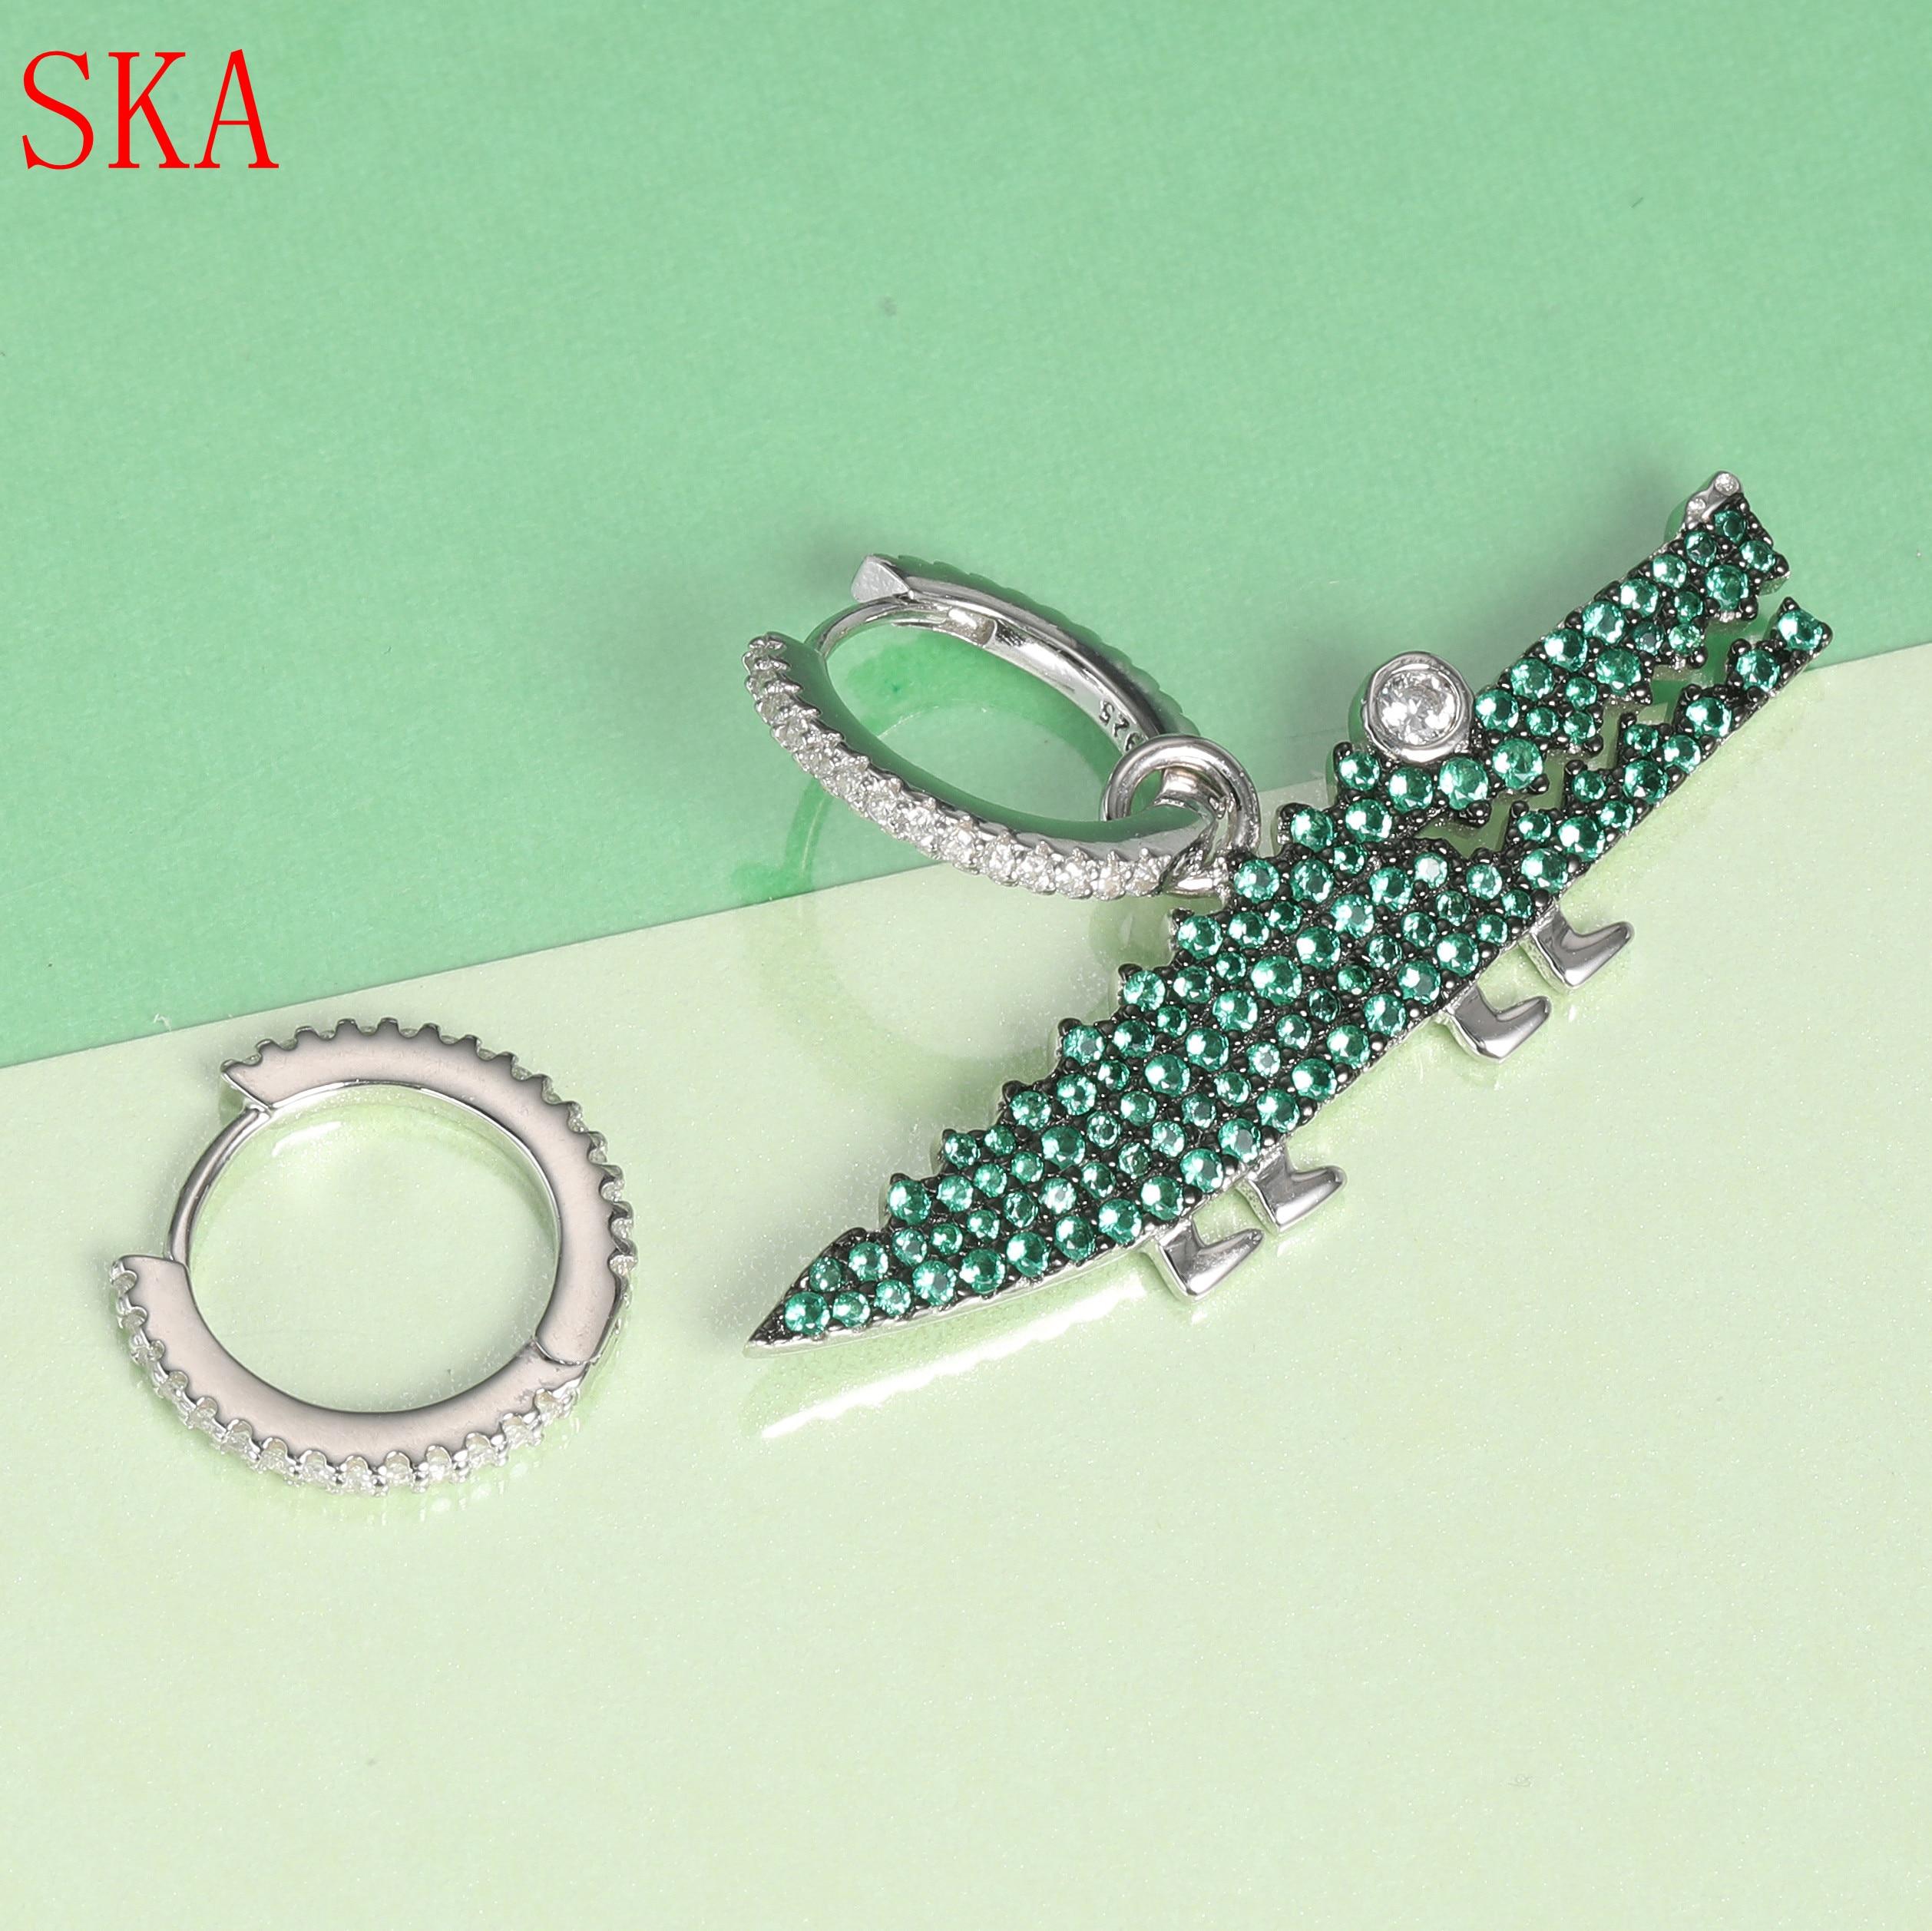 Mode asymétrique vert Crocodile boucle d'oreille pour les femmes coréenne mignon Animal 925 argent boucles d'oreilles cristal Zircon femmes accessoires